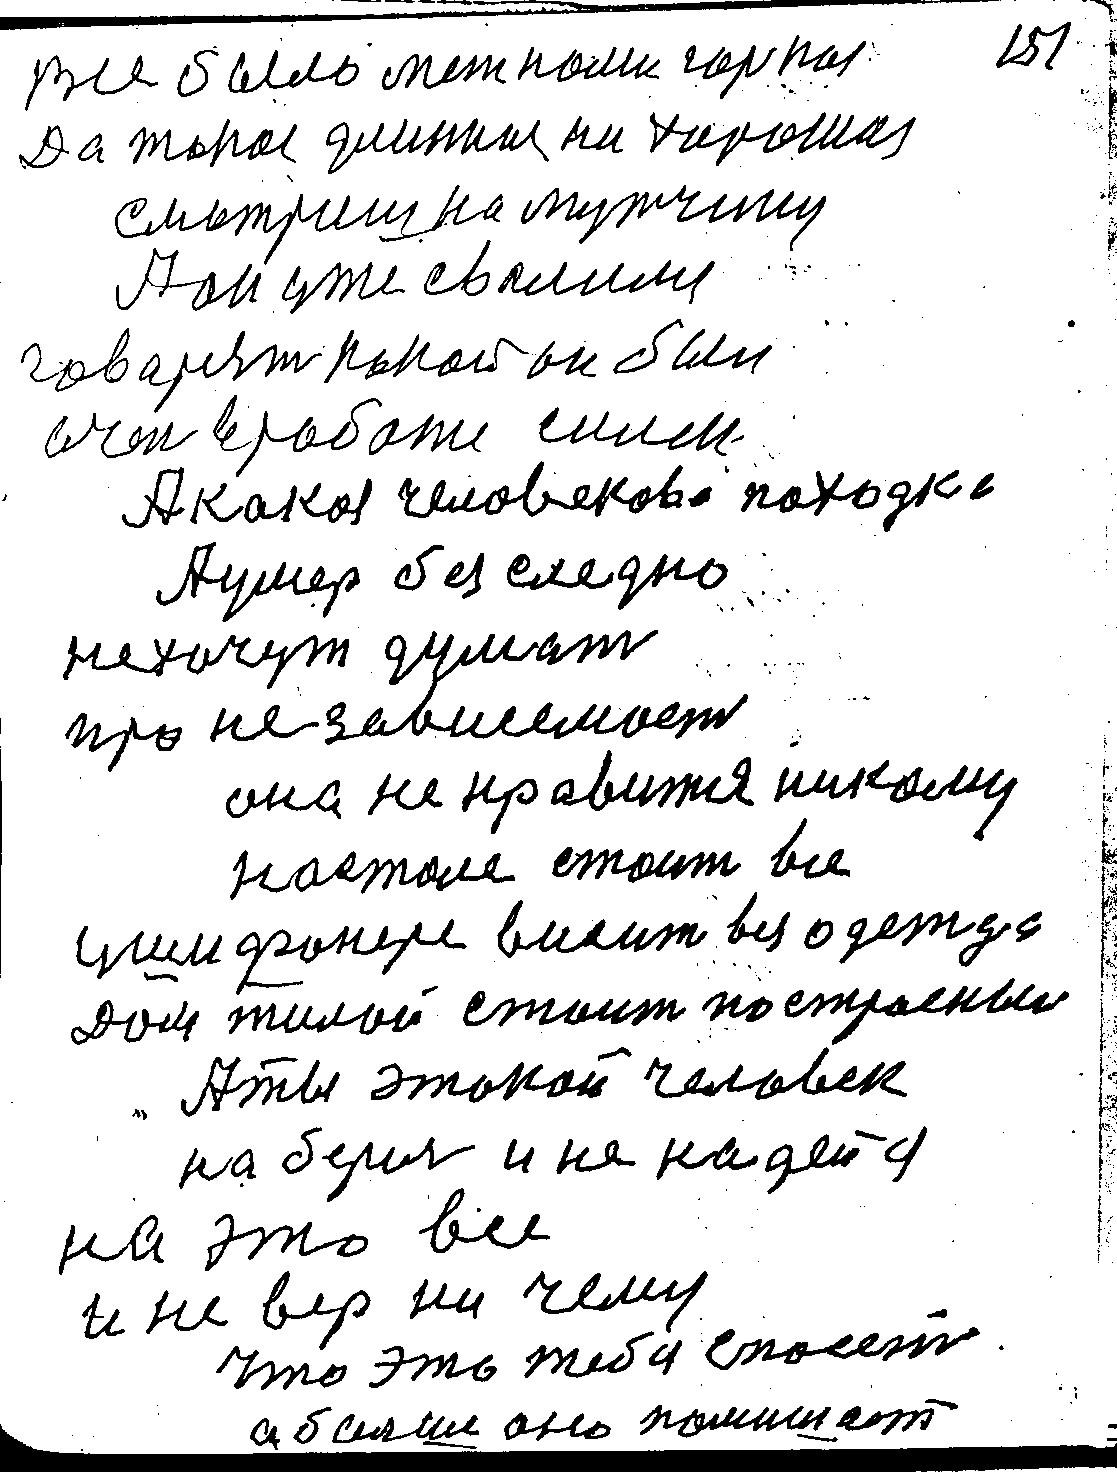 Str155.jpg